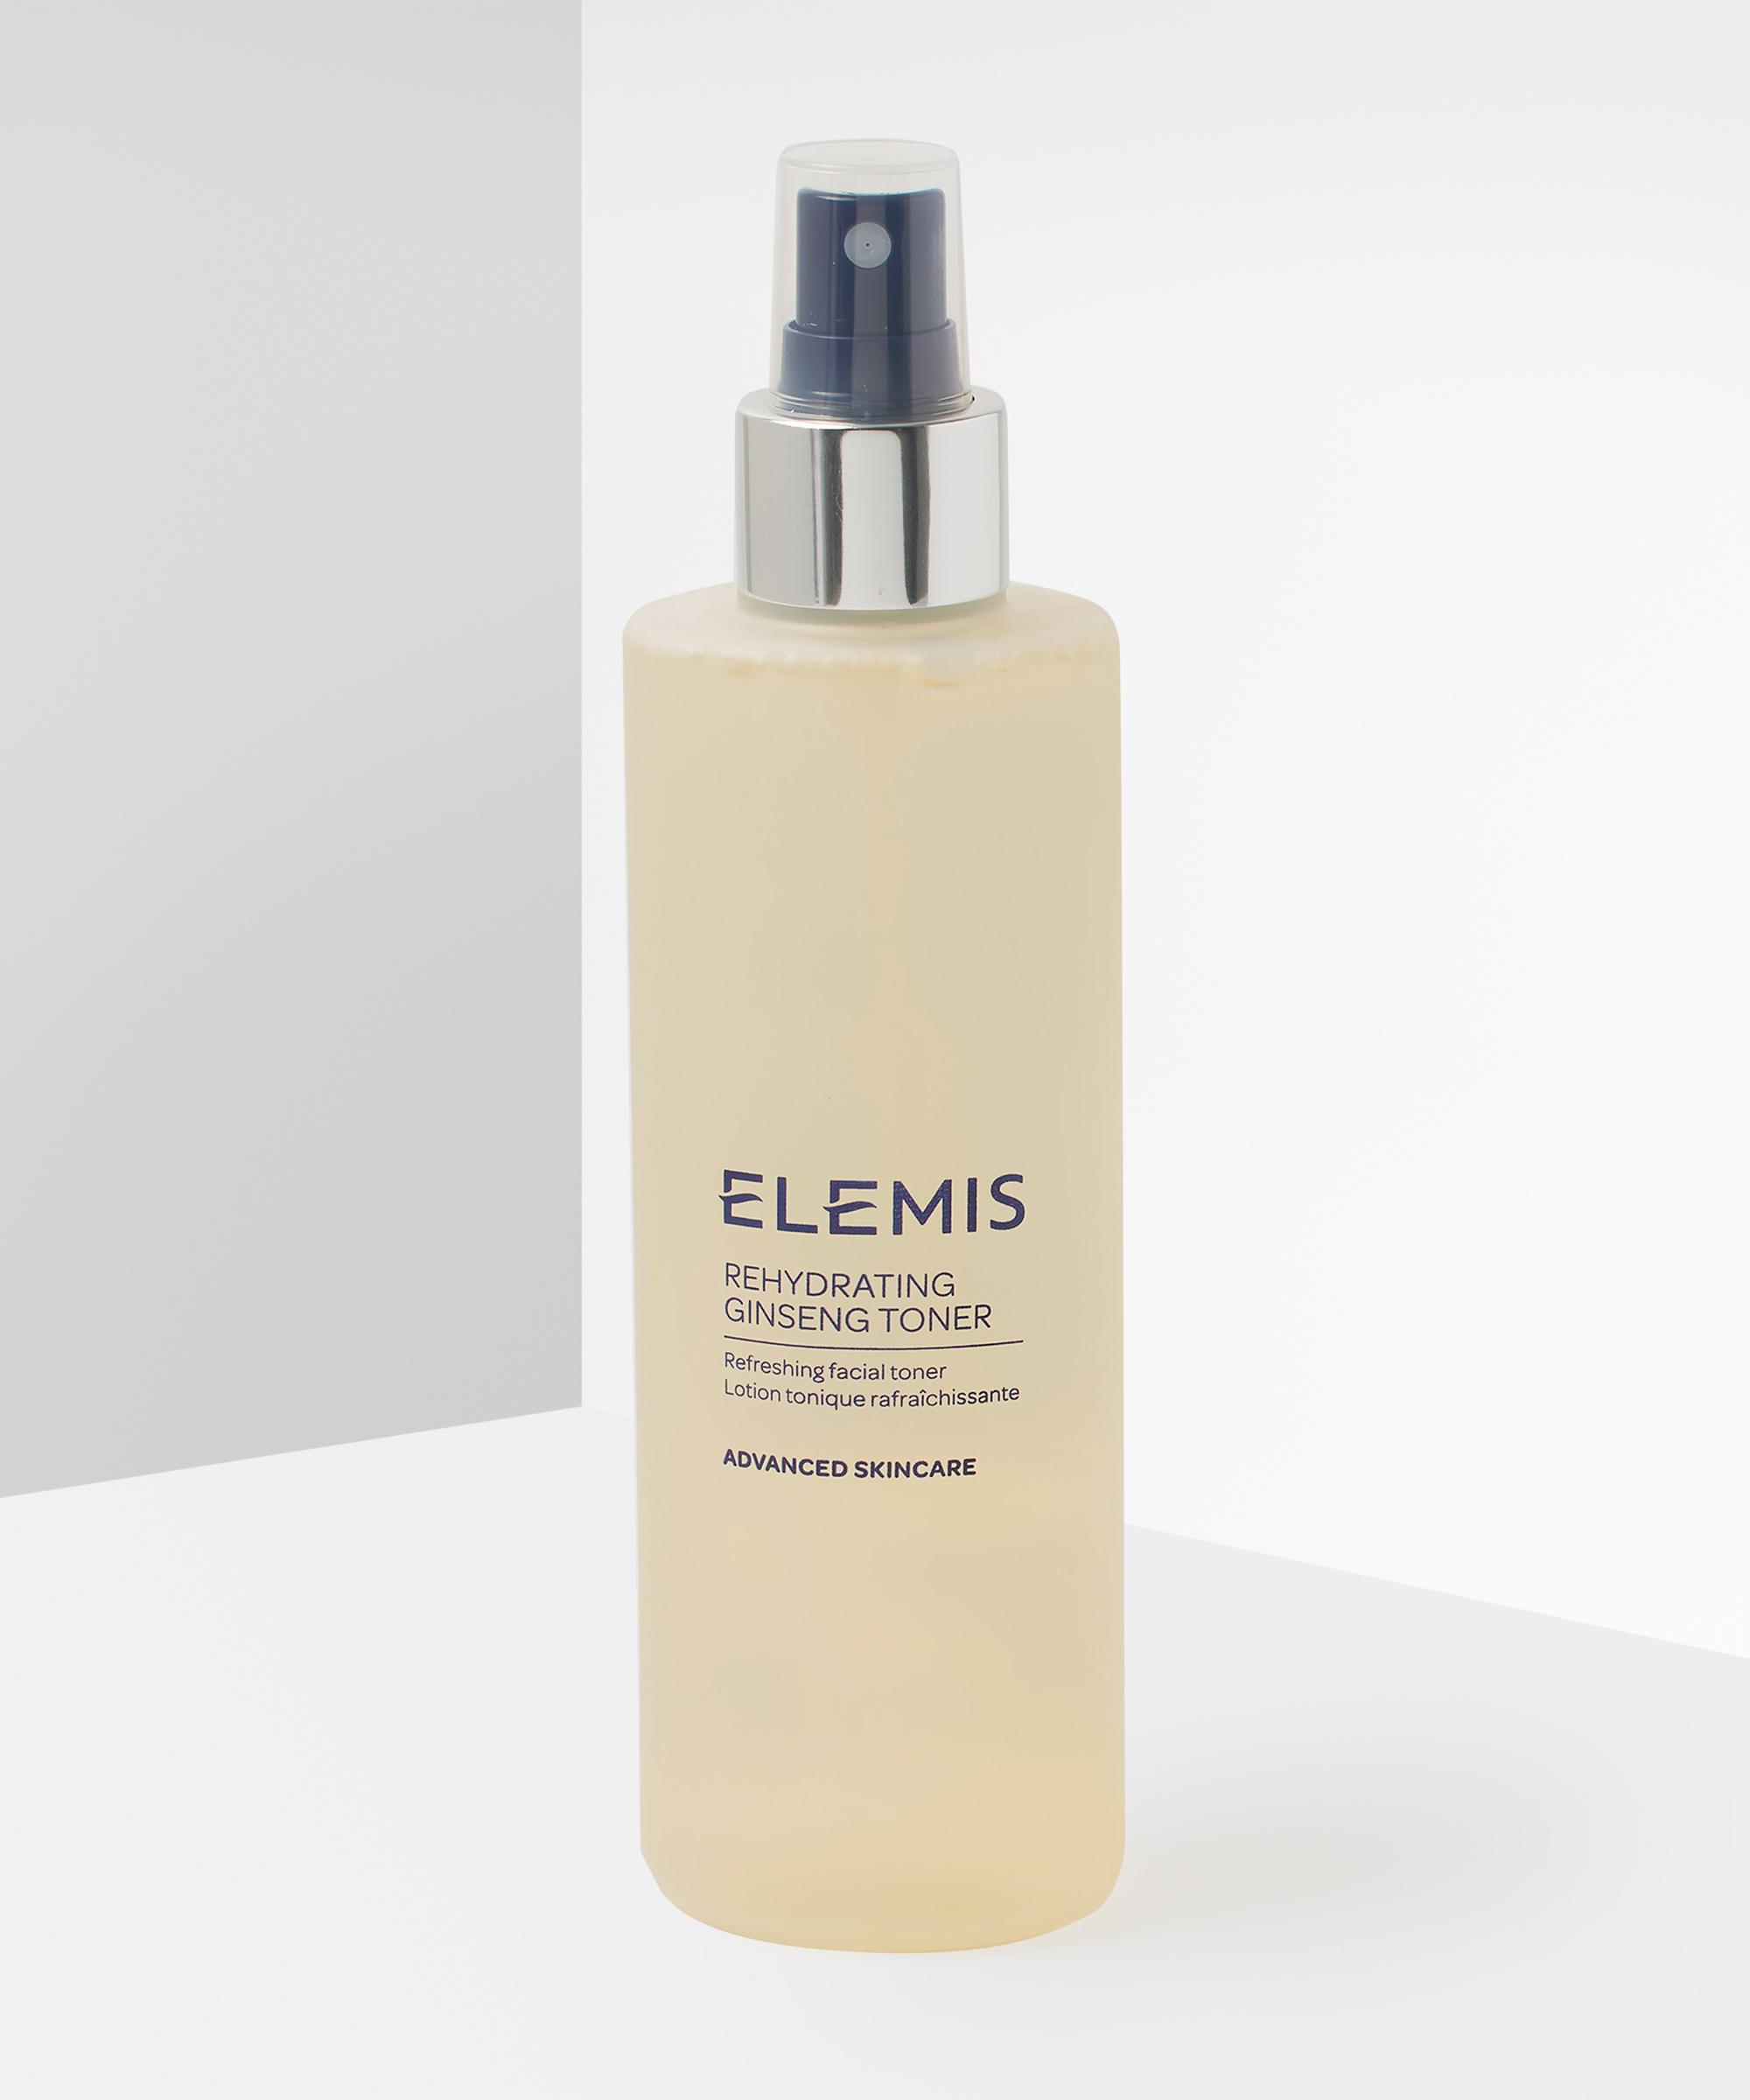 Elemis Rehydrating Ginseng Toner at BEAUTY BAY